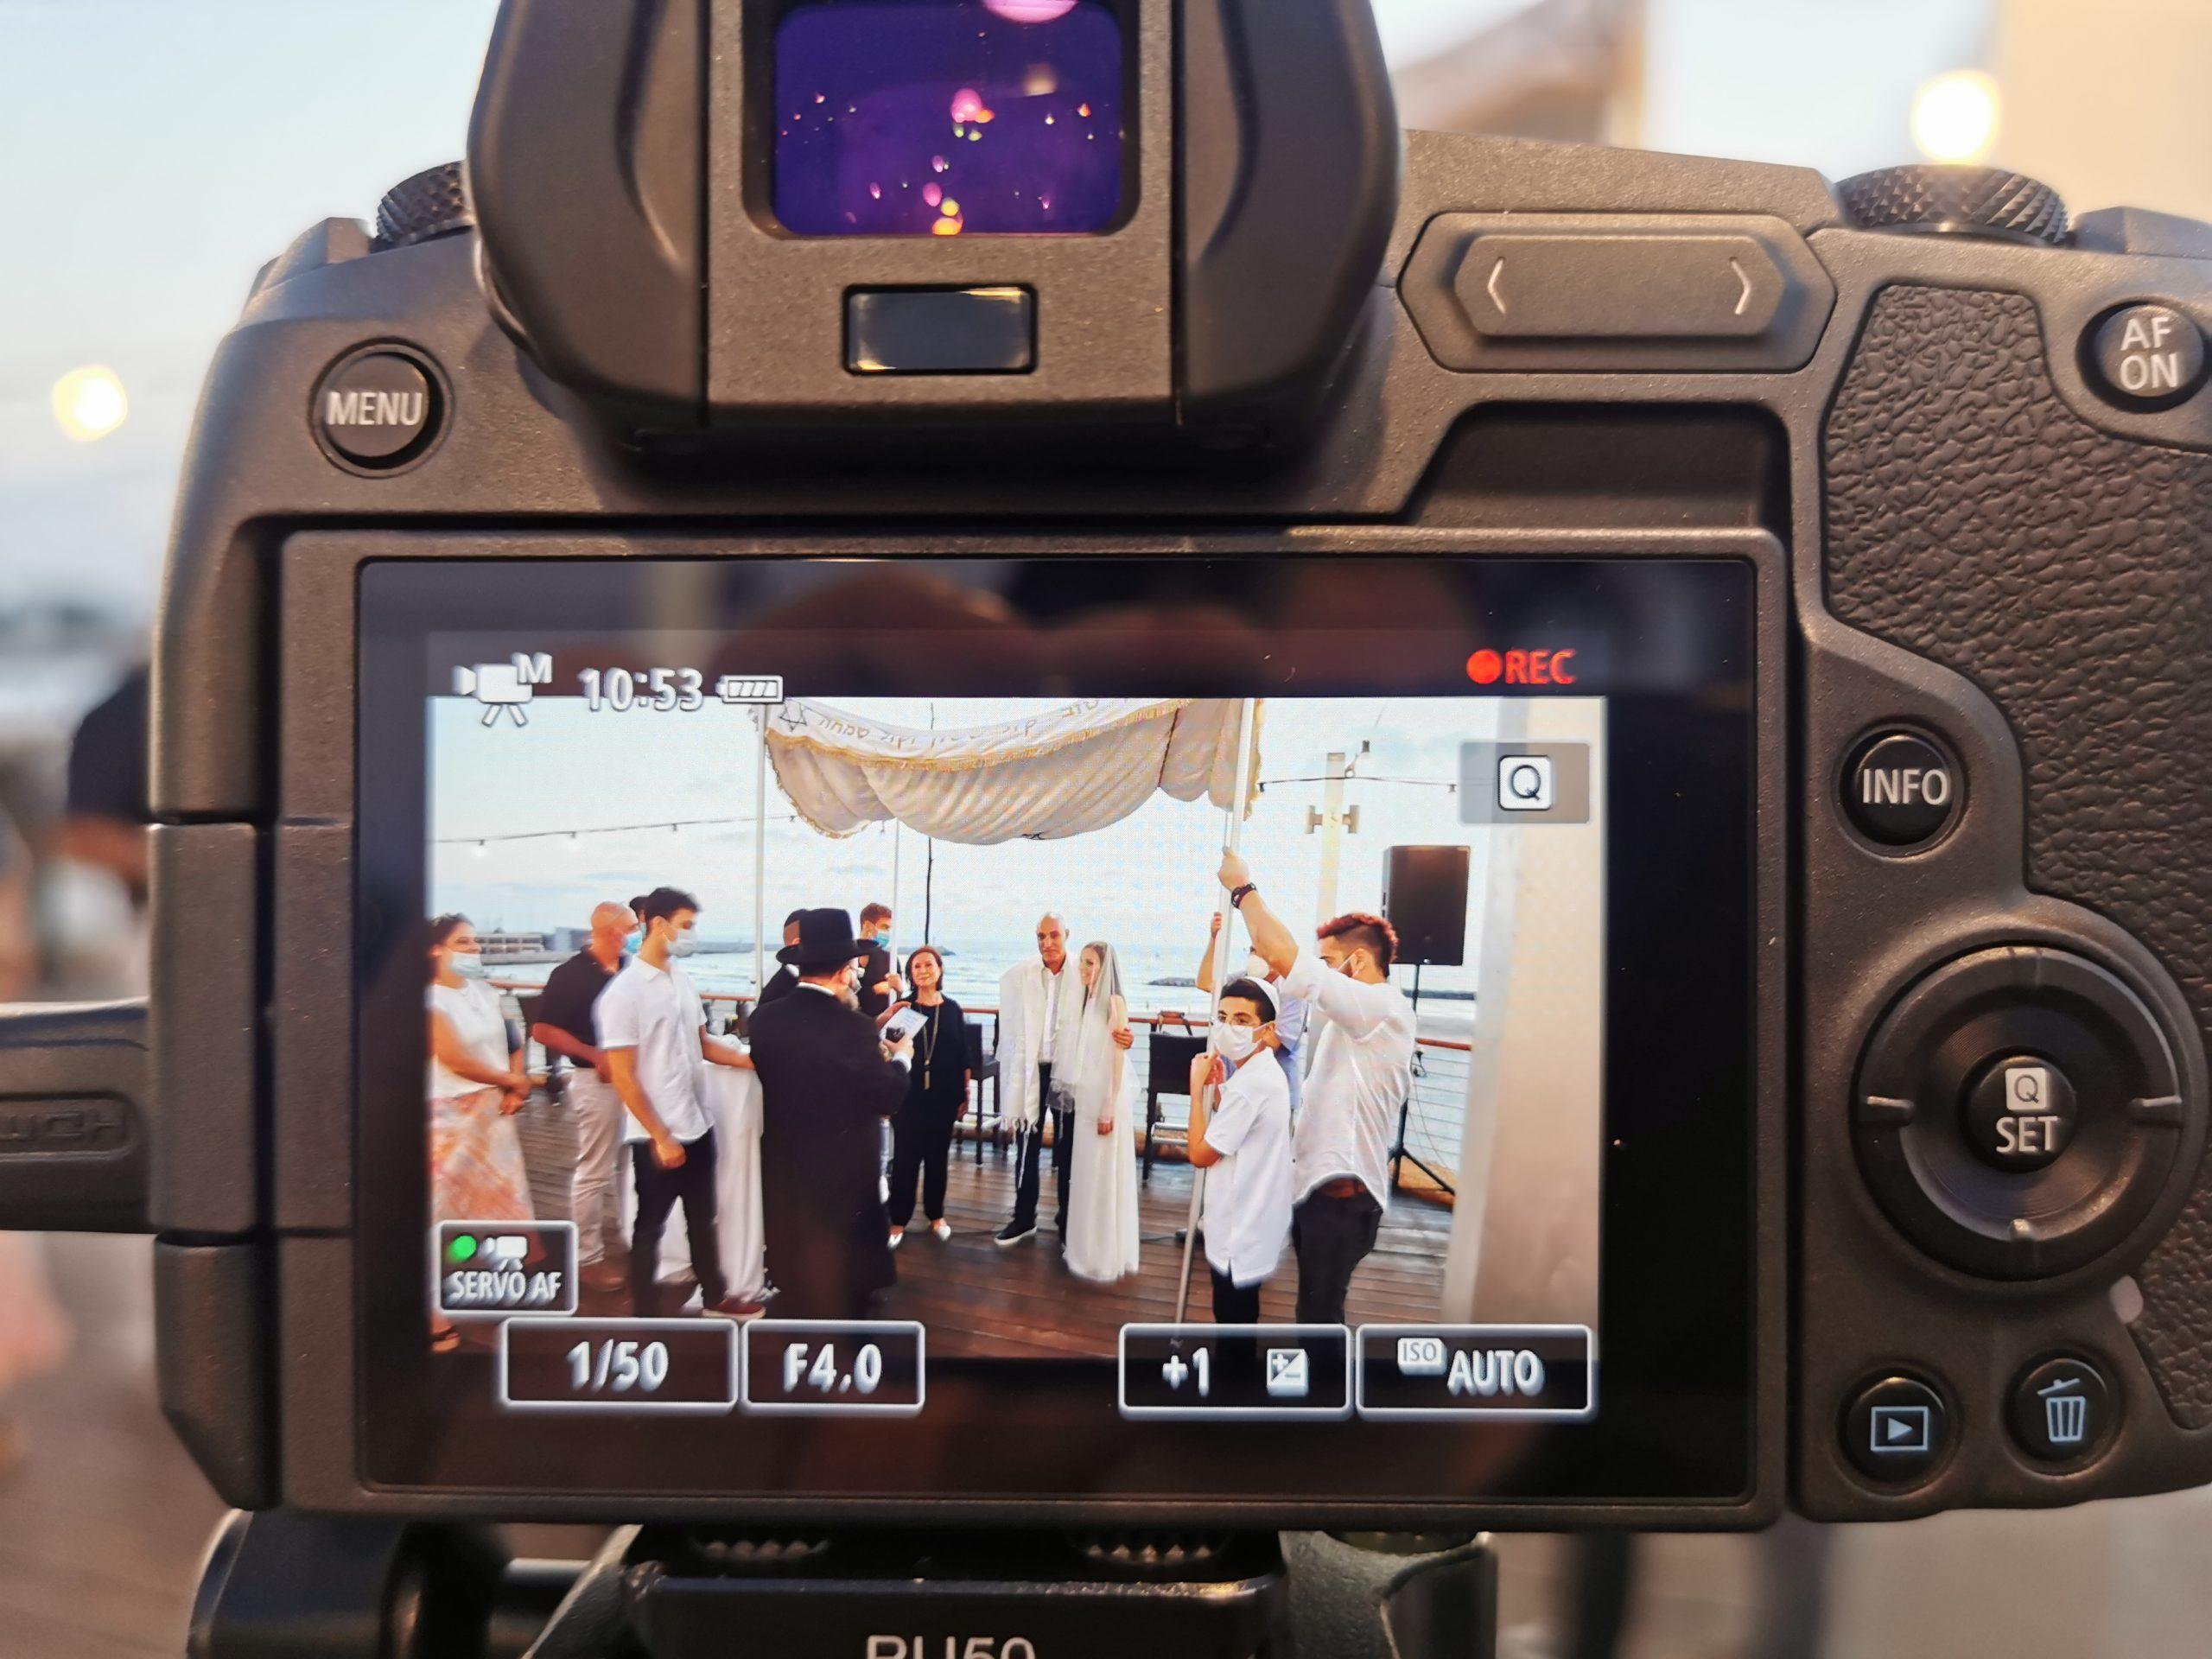 חשיבות השימוש במצלמה מקצועית לשידור חי